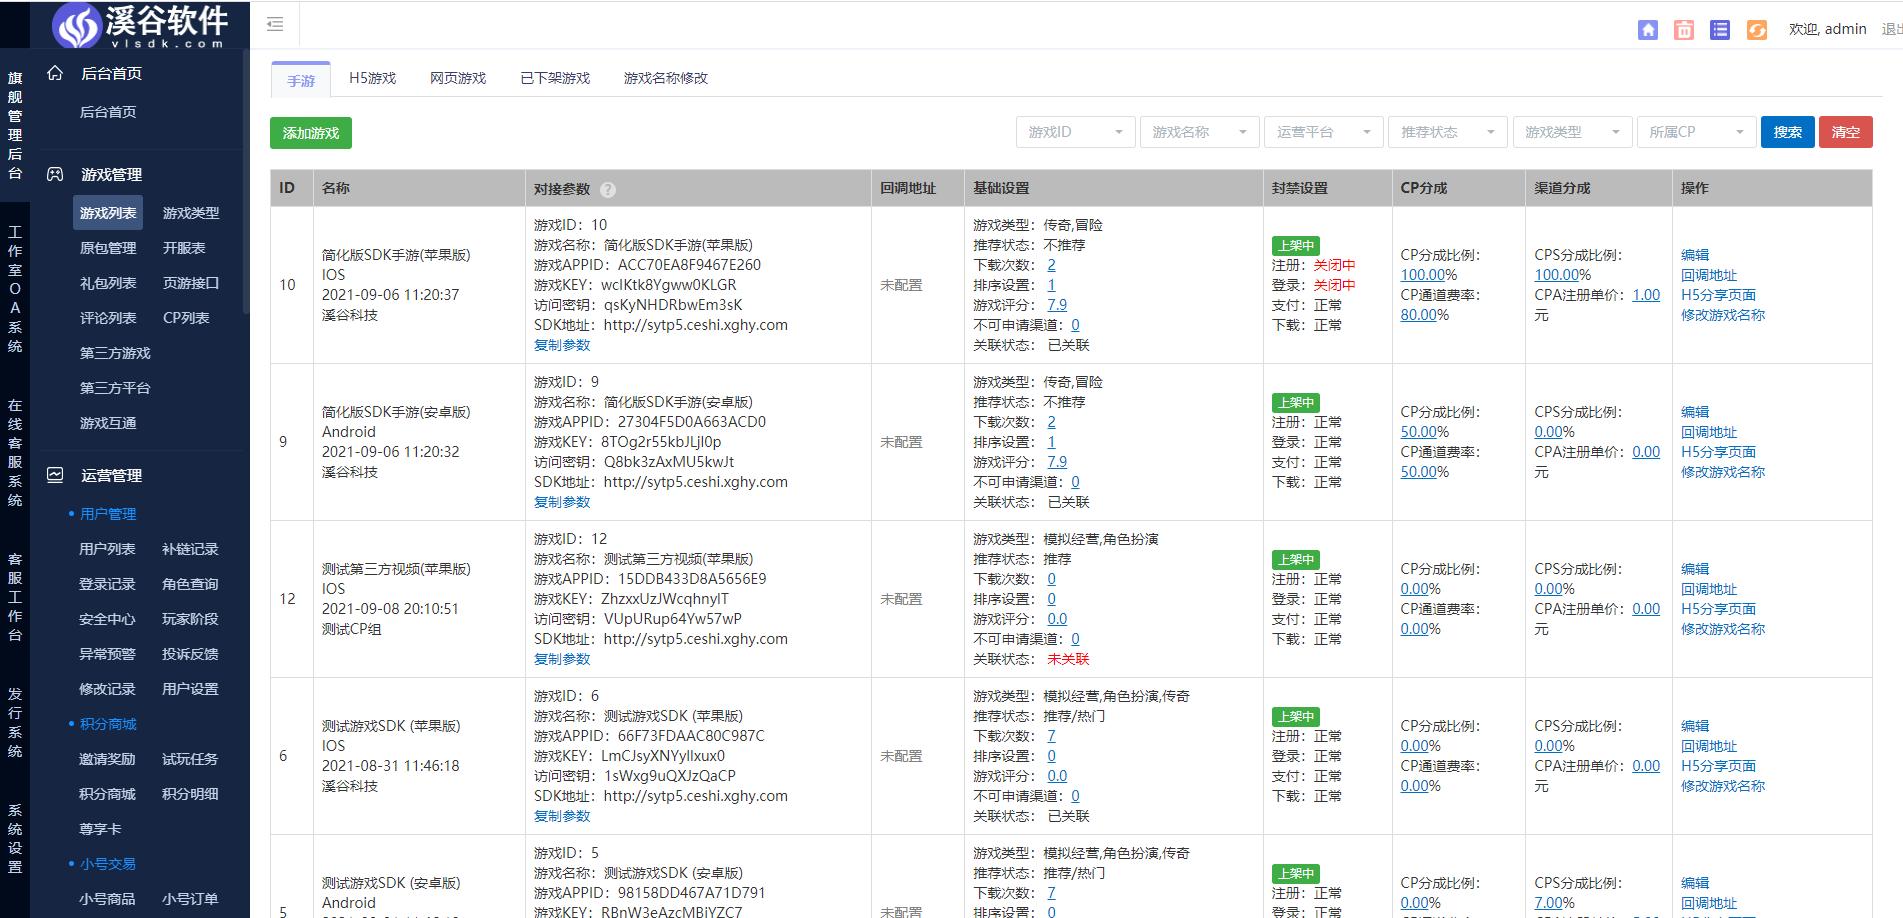 溪谷软件游戏联运平台.png